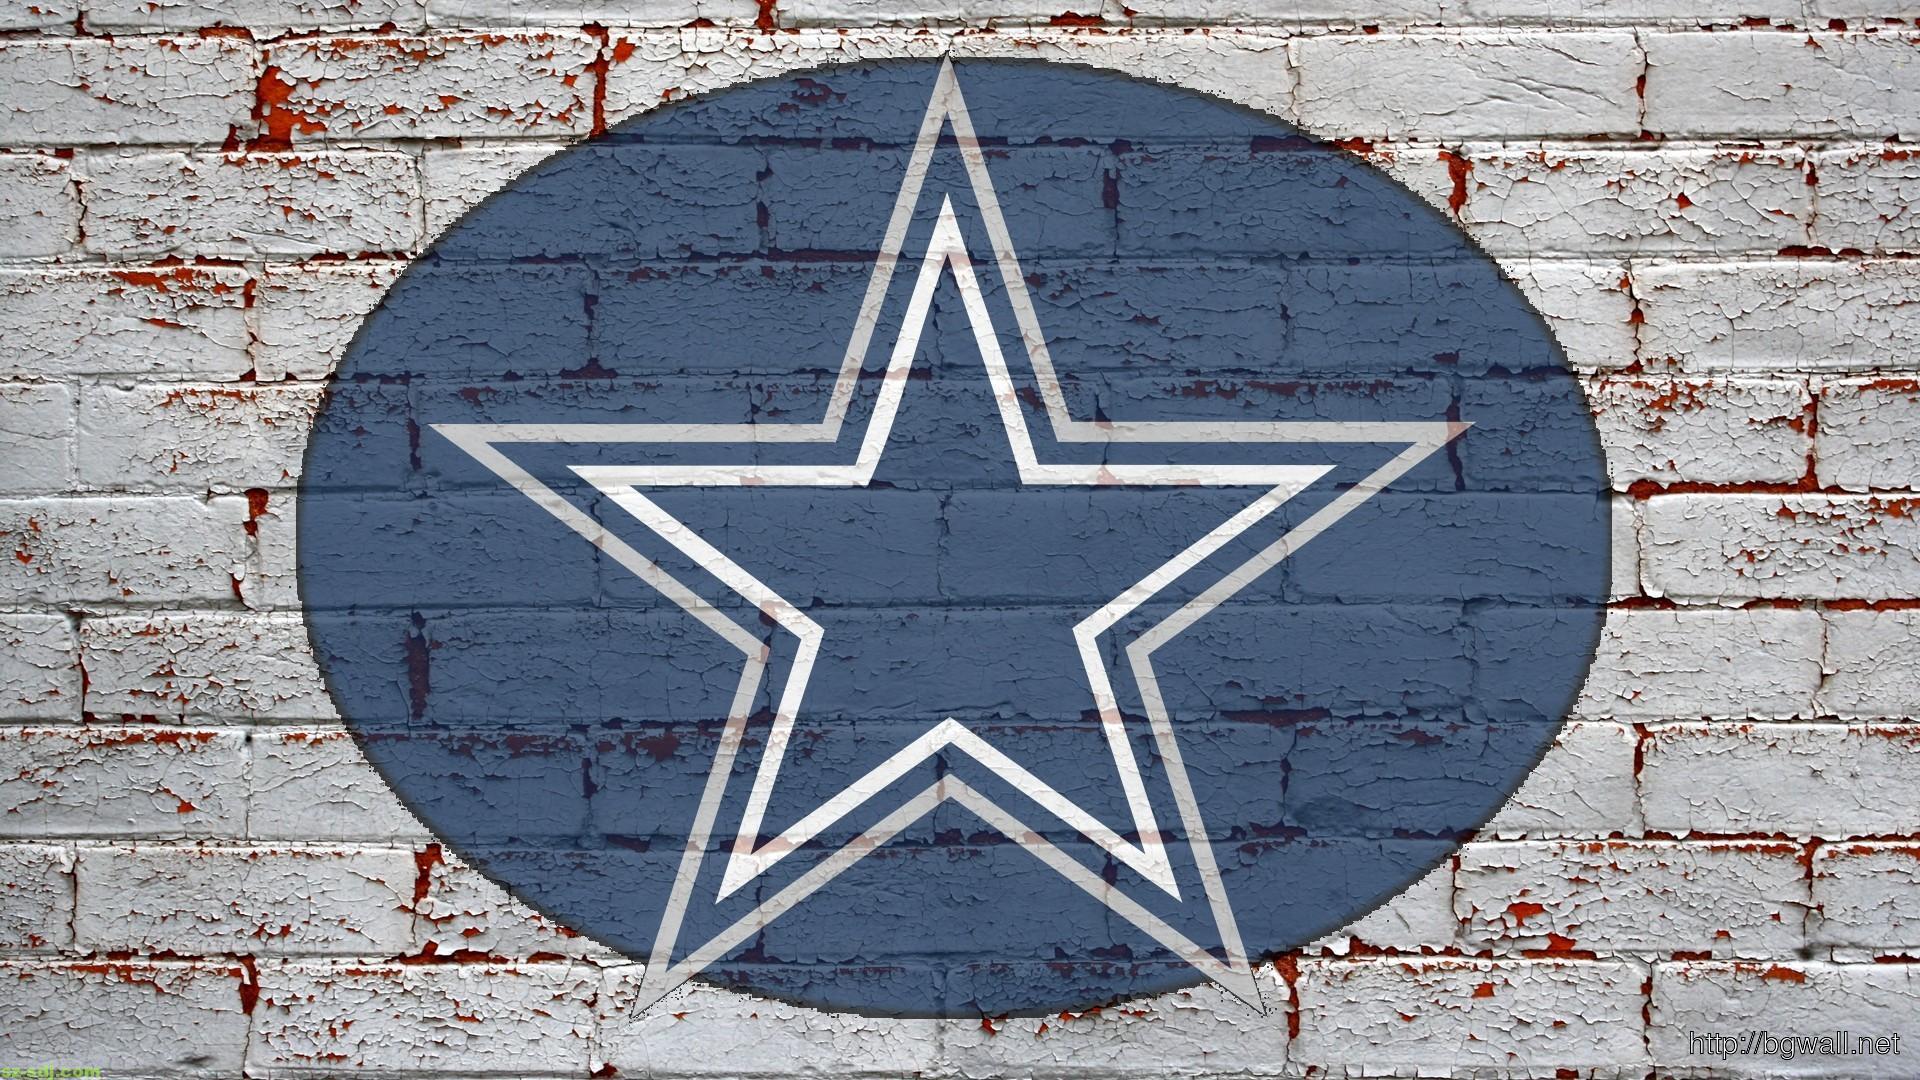 dallas-cowboys-logo-image-wallpaper